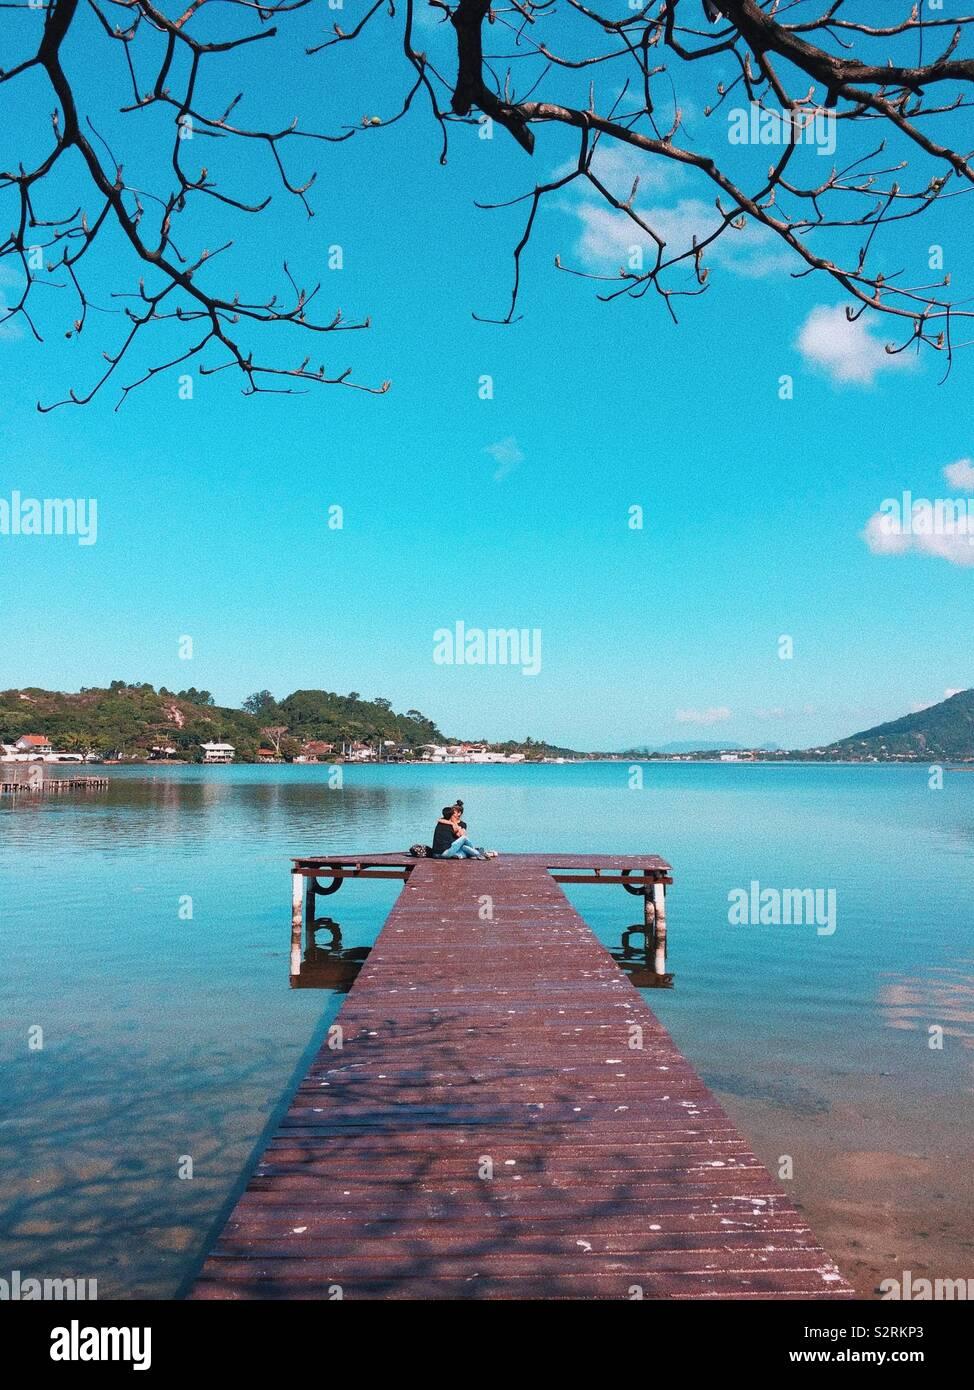 Lagoa da Conceição, Florianópolis - Stock Image